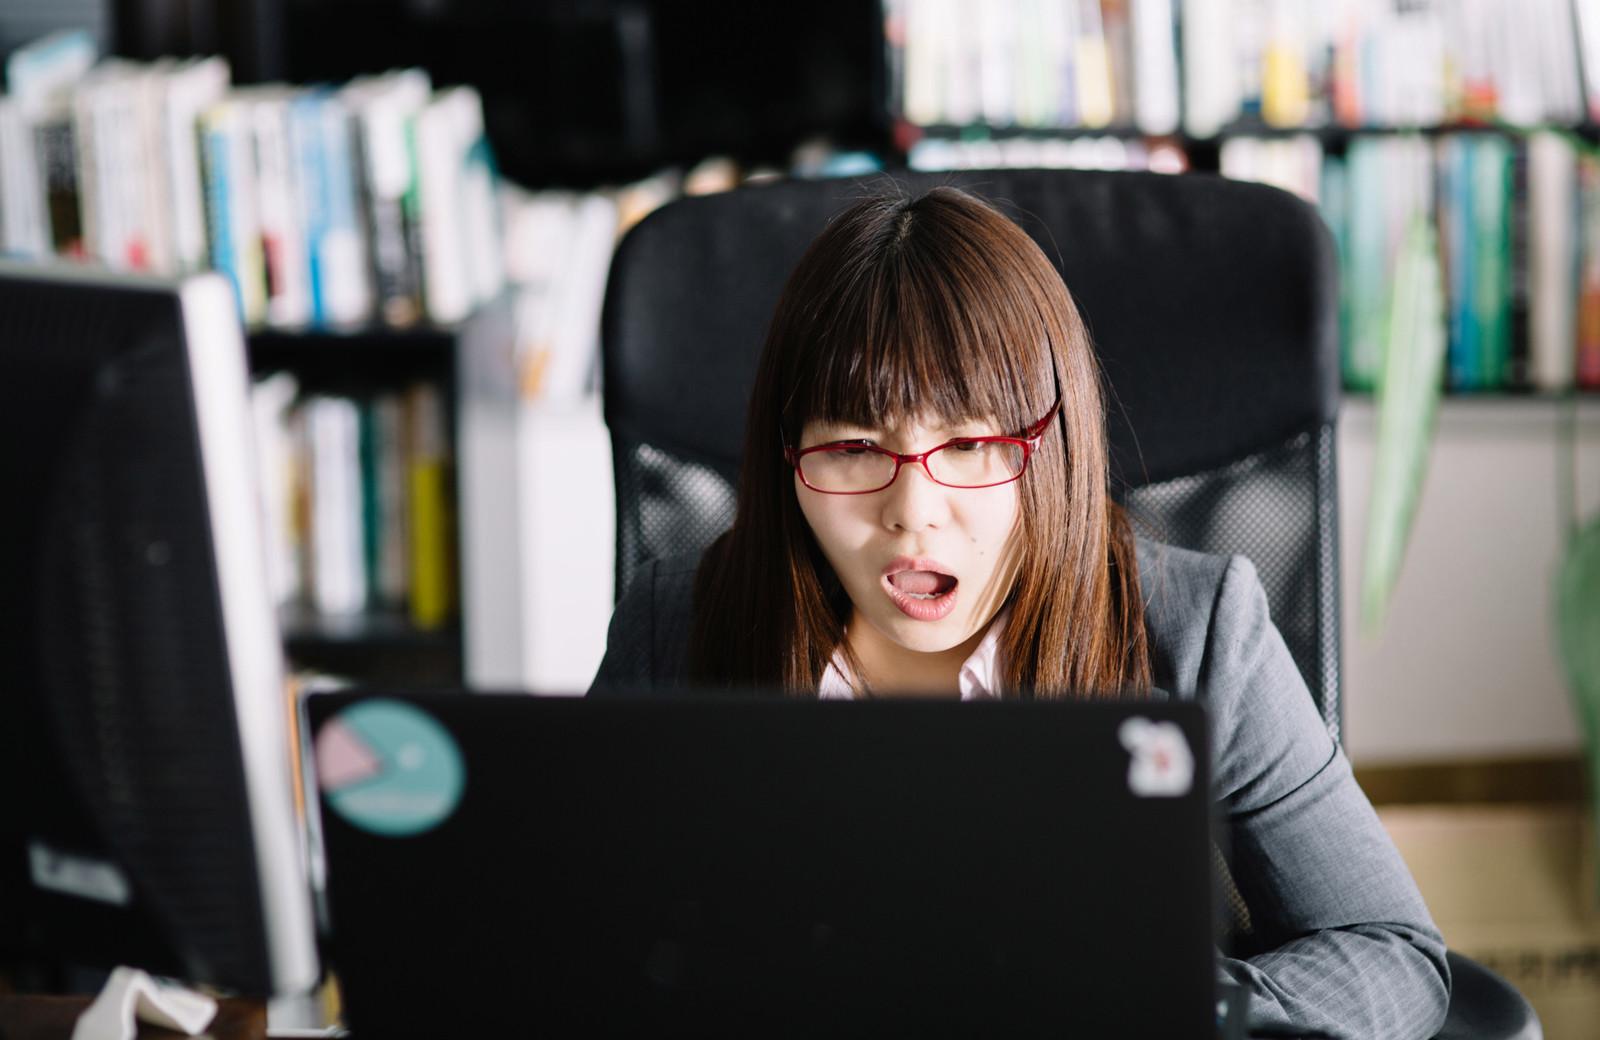 日本職場「守時」的潛規則超級多!…你能在日本職場生存嗎?